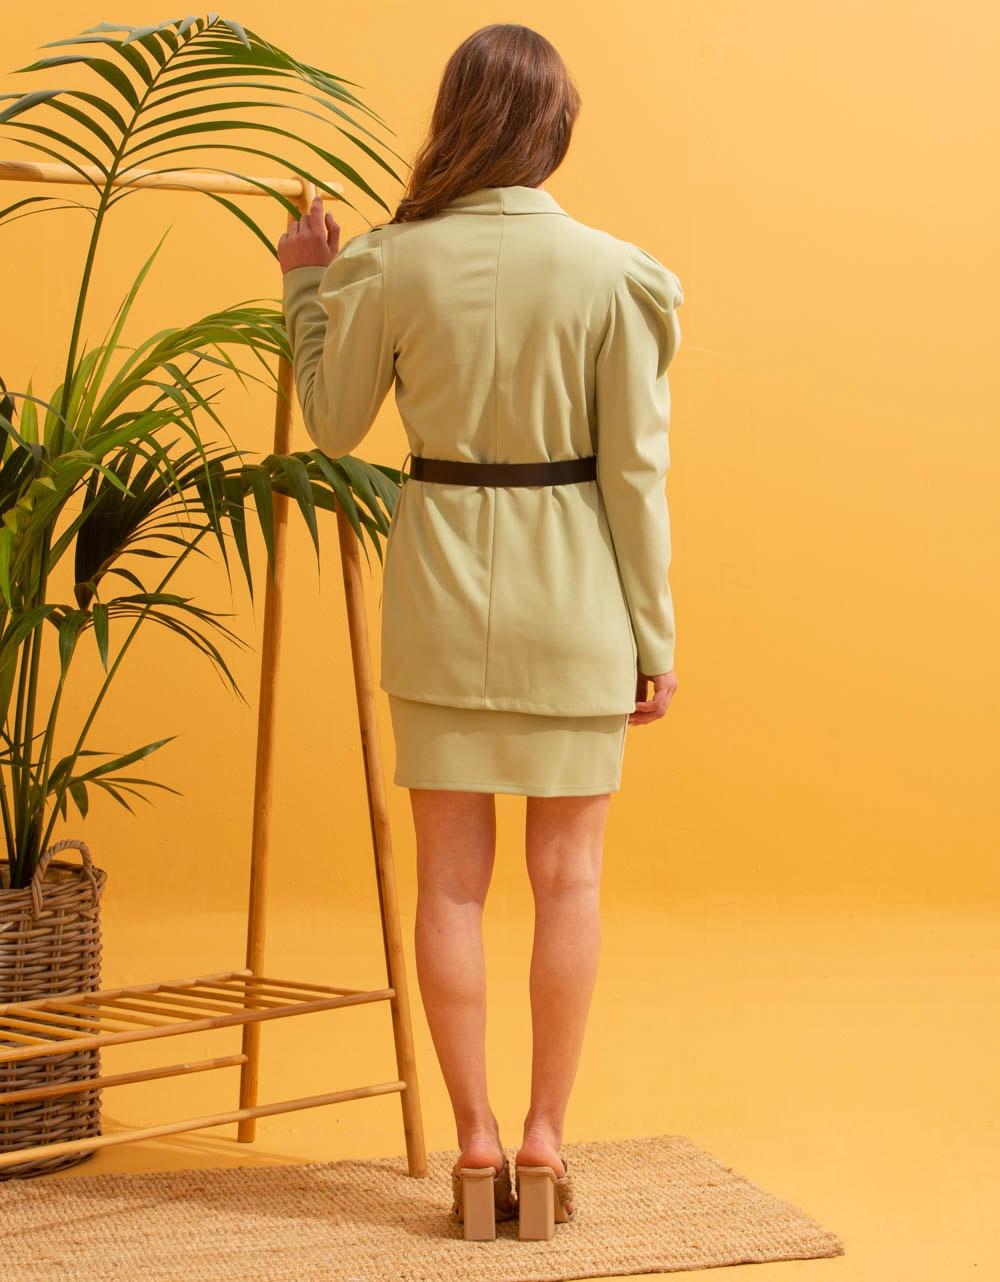 Εικόνα από Γυναικεία σετ ρούχων φούστα & σακάκι Πράσινο